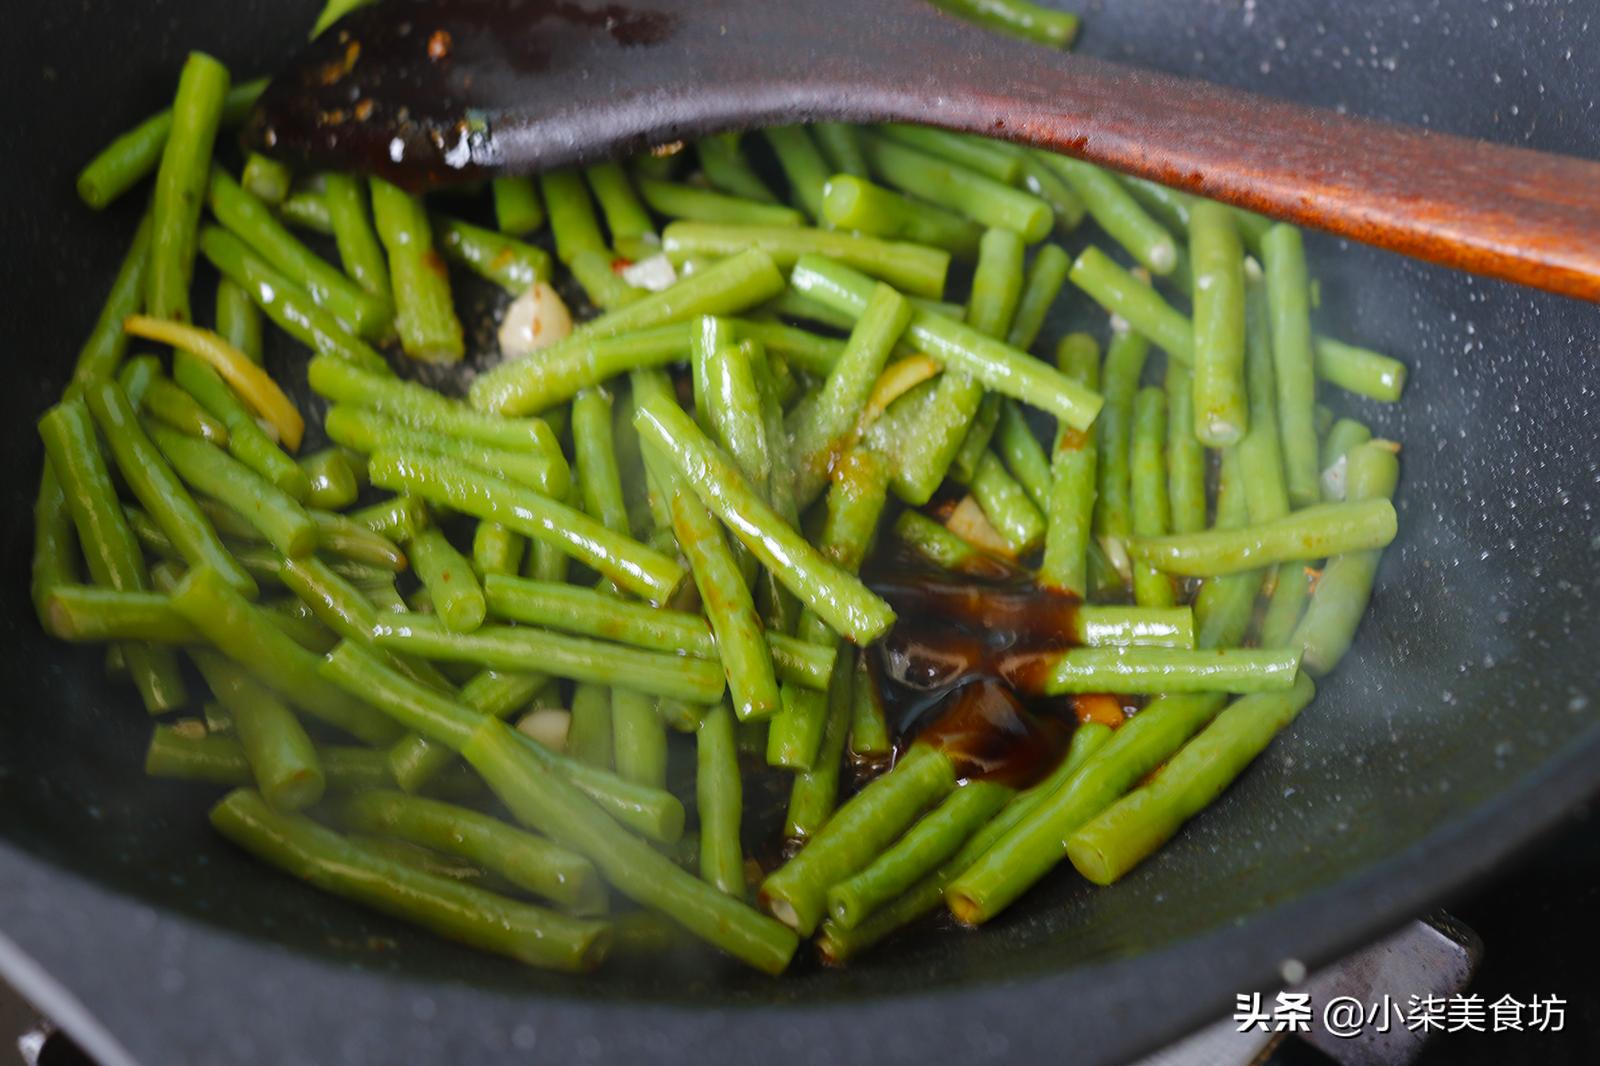 炒豆角时,切记不要直接下锅炒,多加2步,鲜嫩入味,营养又下饭 美食做法 第11张